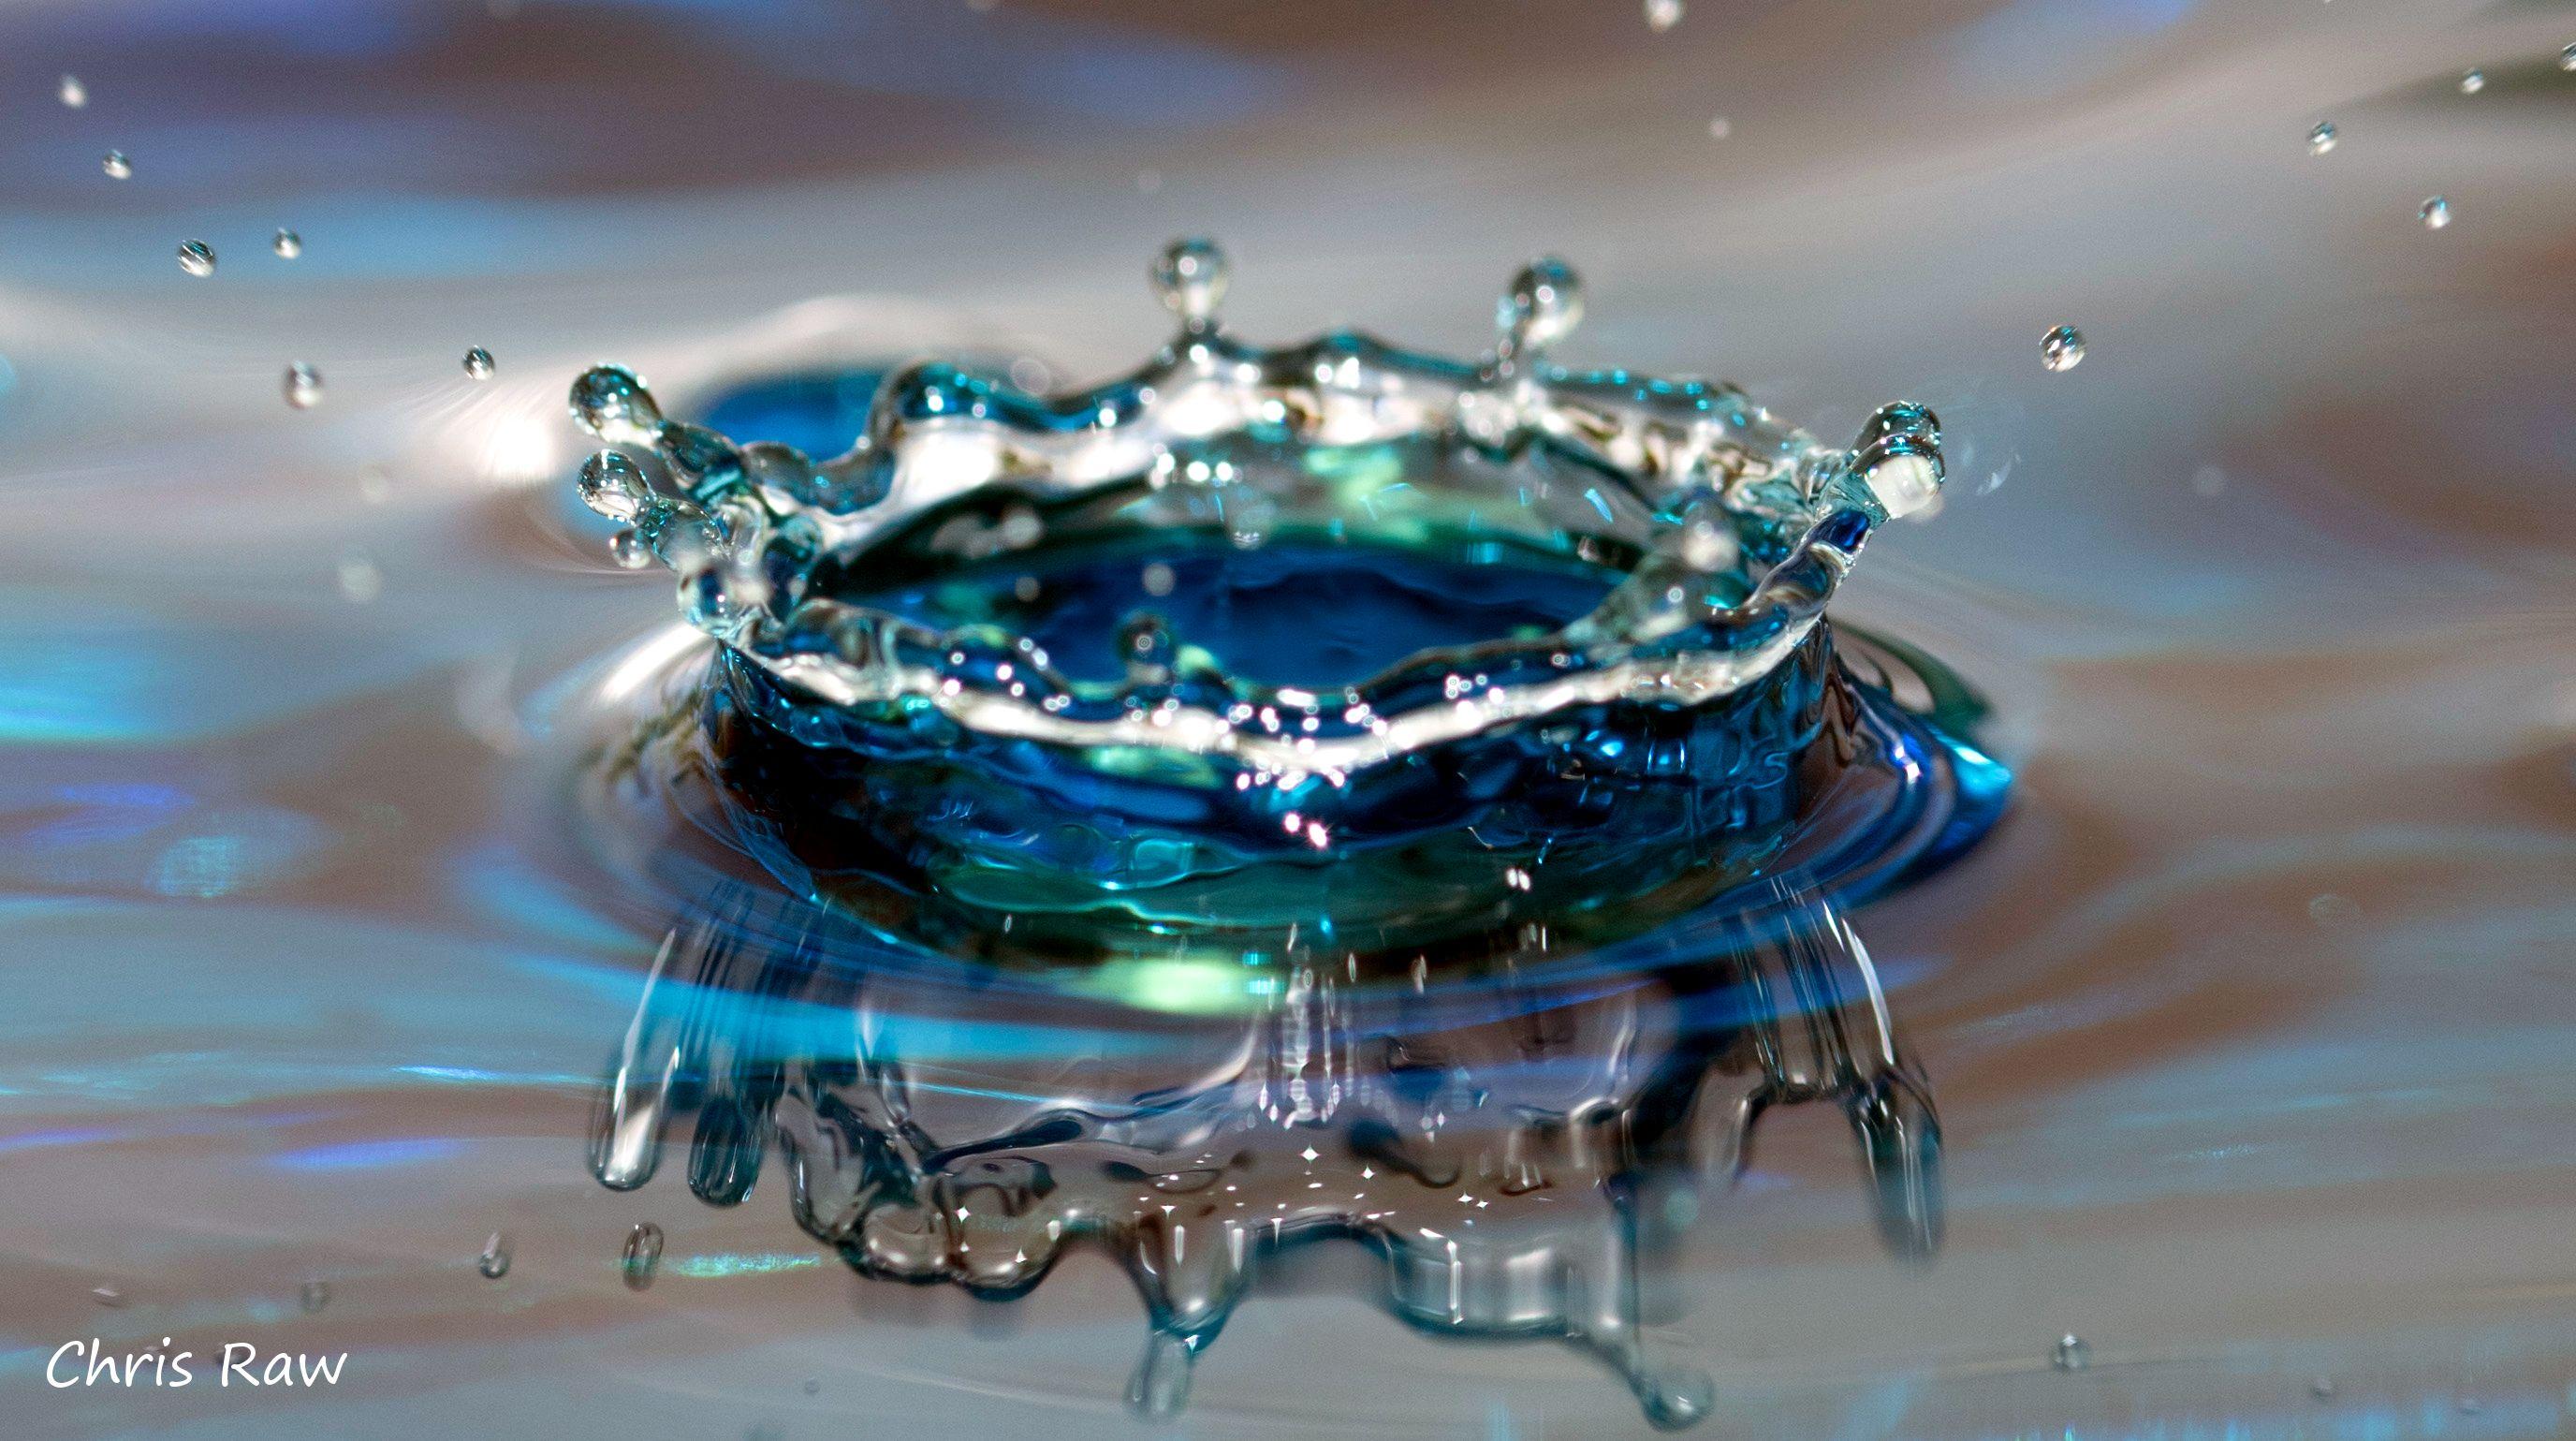 Épinglé sur goutte d'eau